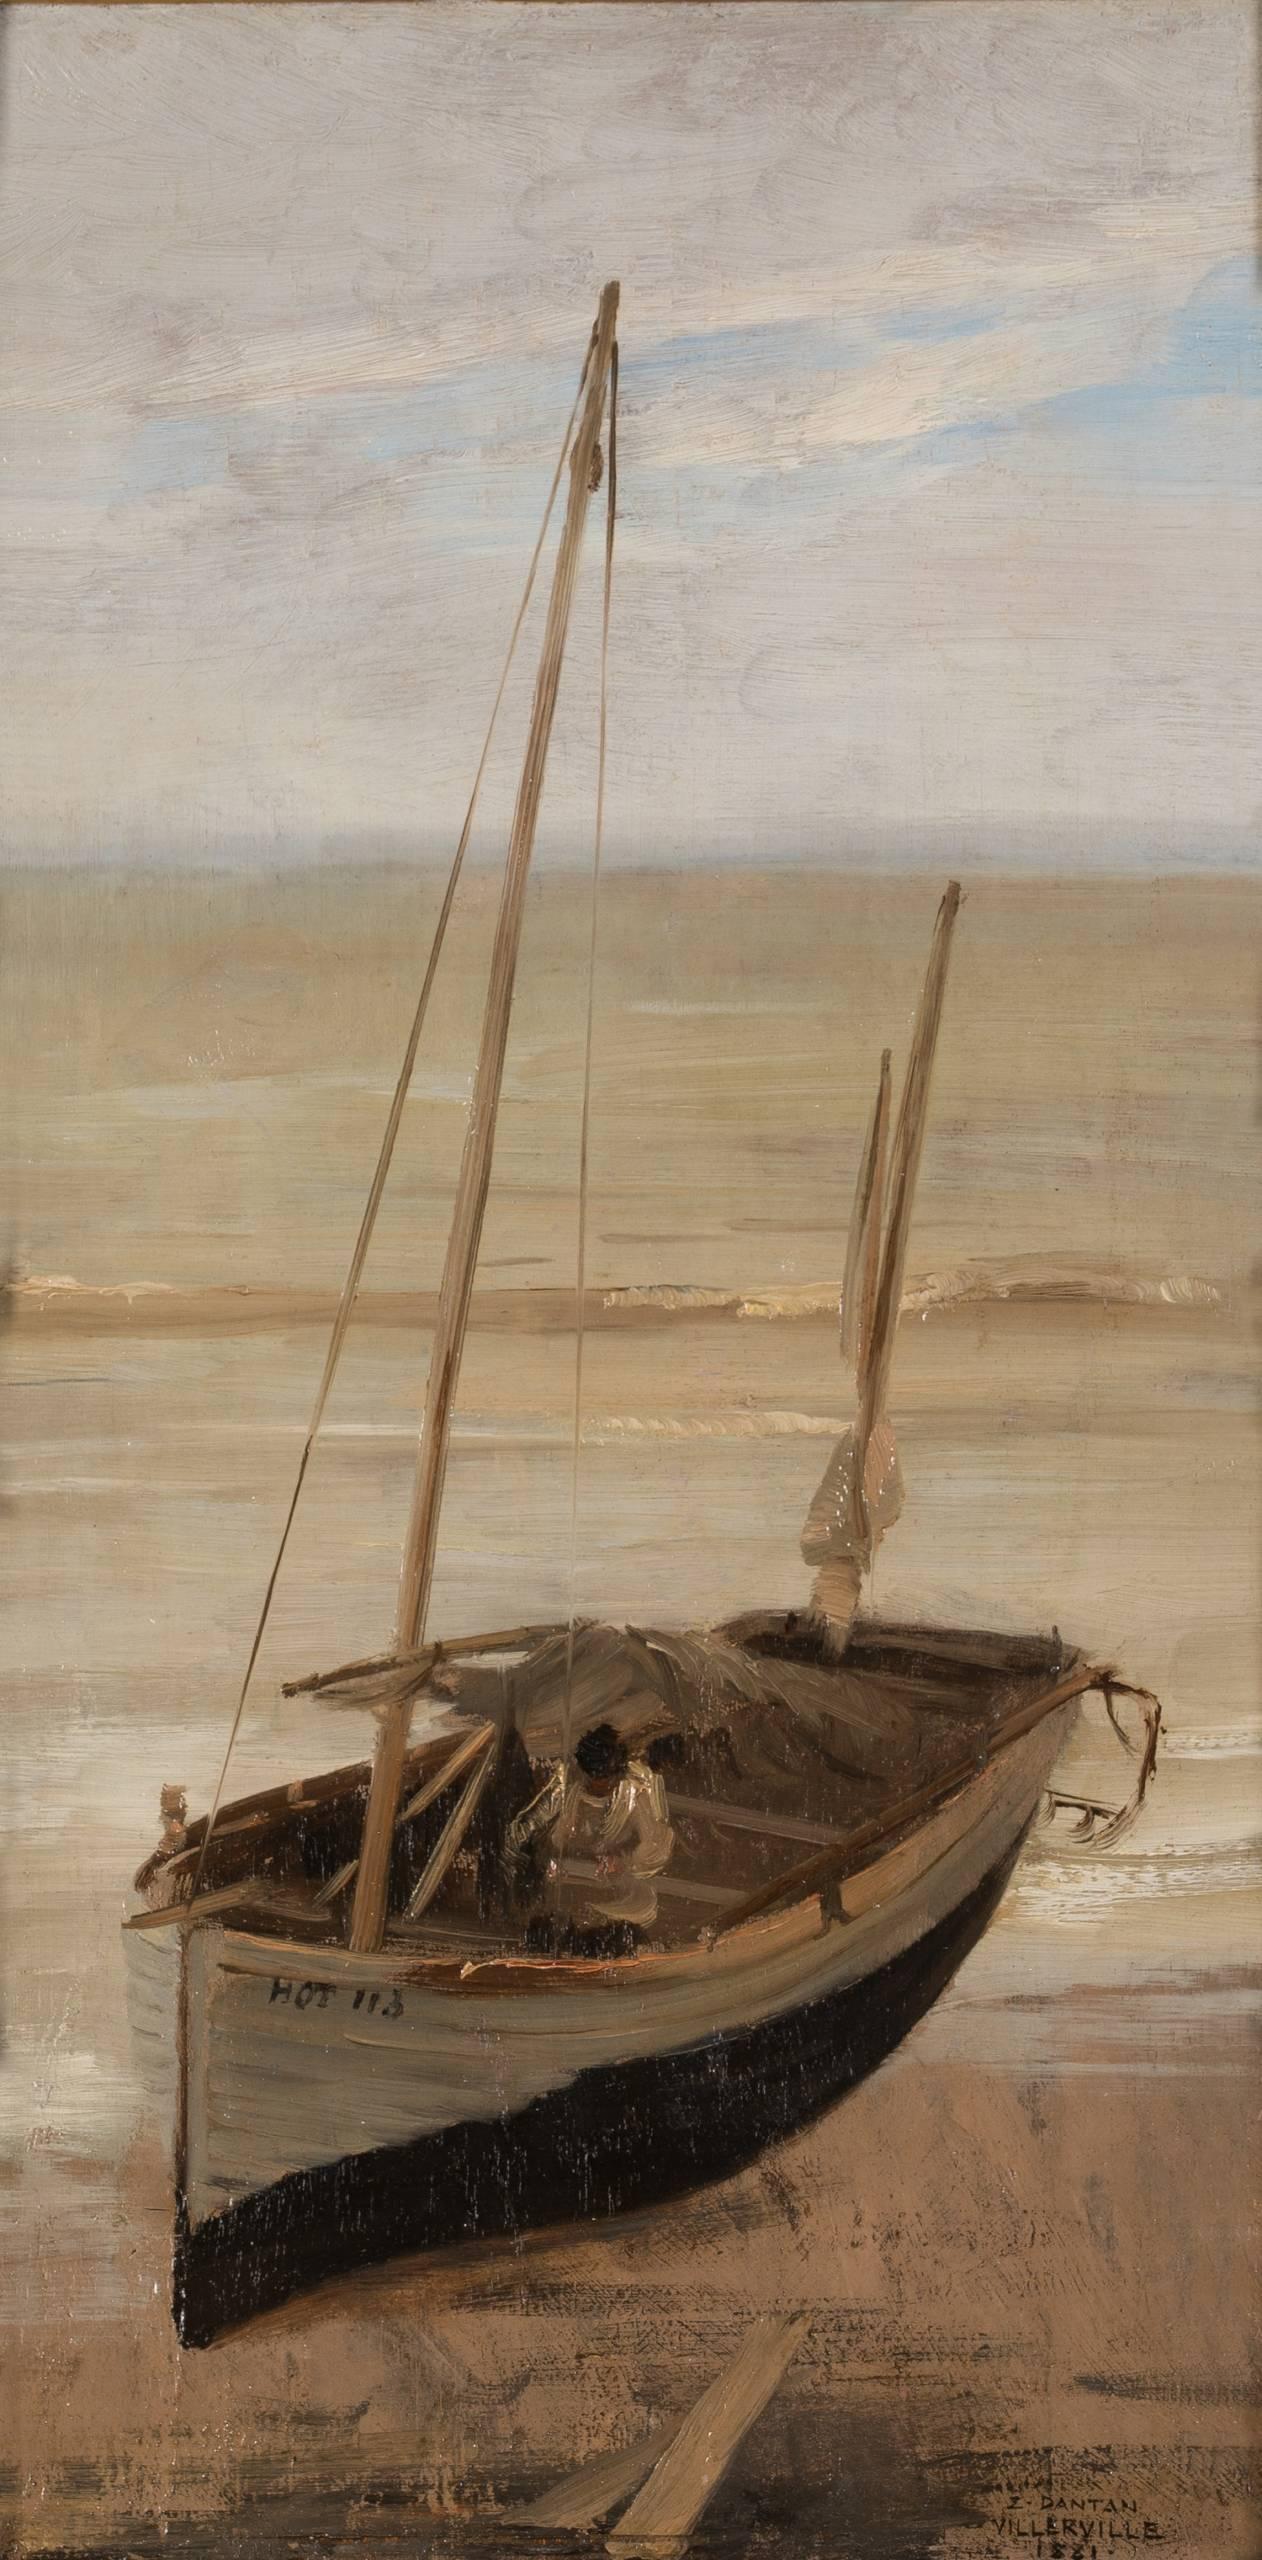 Édouard Dantan, Plate à Villerville, marée basse